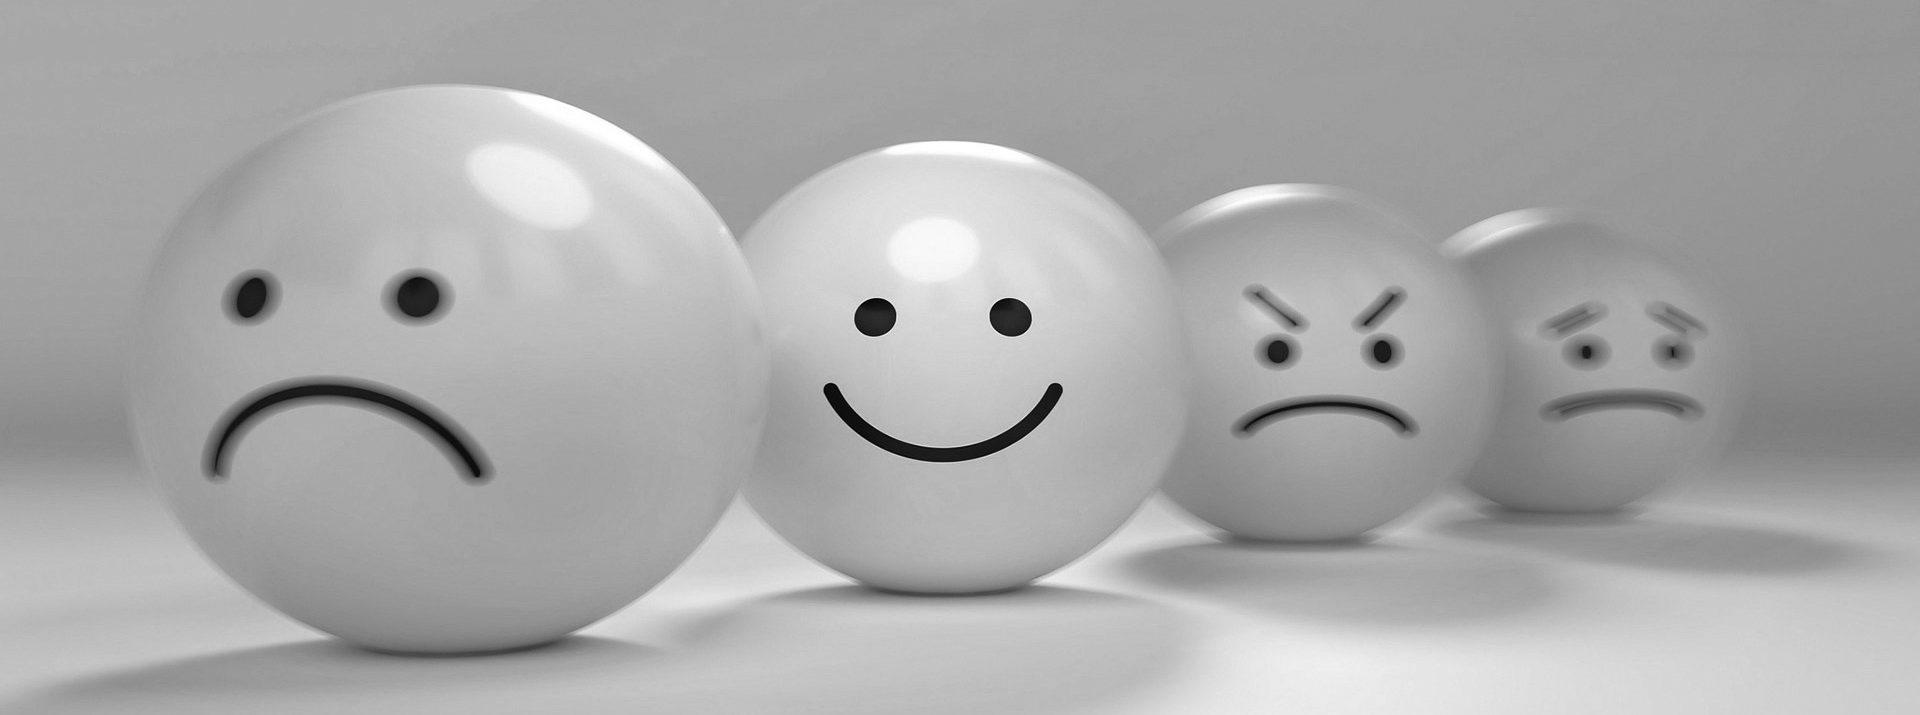 Con Psicología y Terapias Emocionales puedes aprender a convivir en bienestar